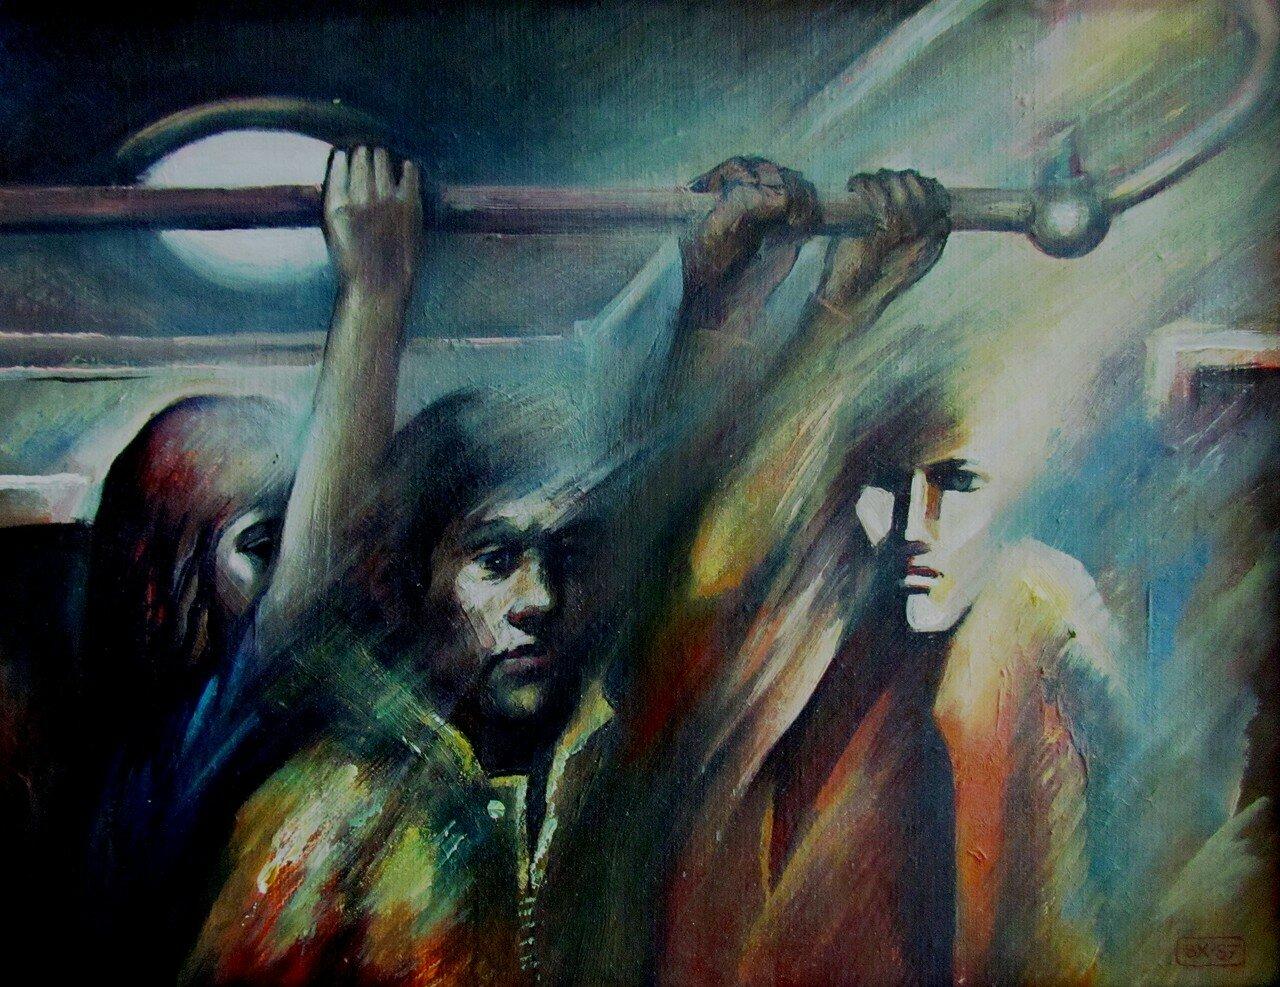 в.харитонов.метро.1982.jpg